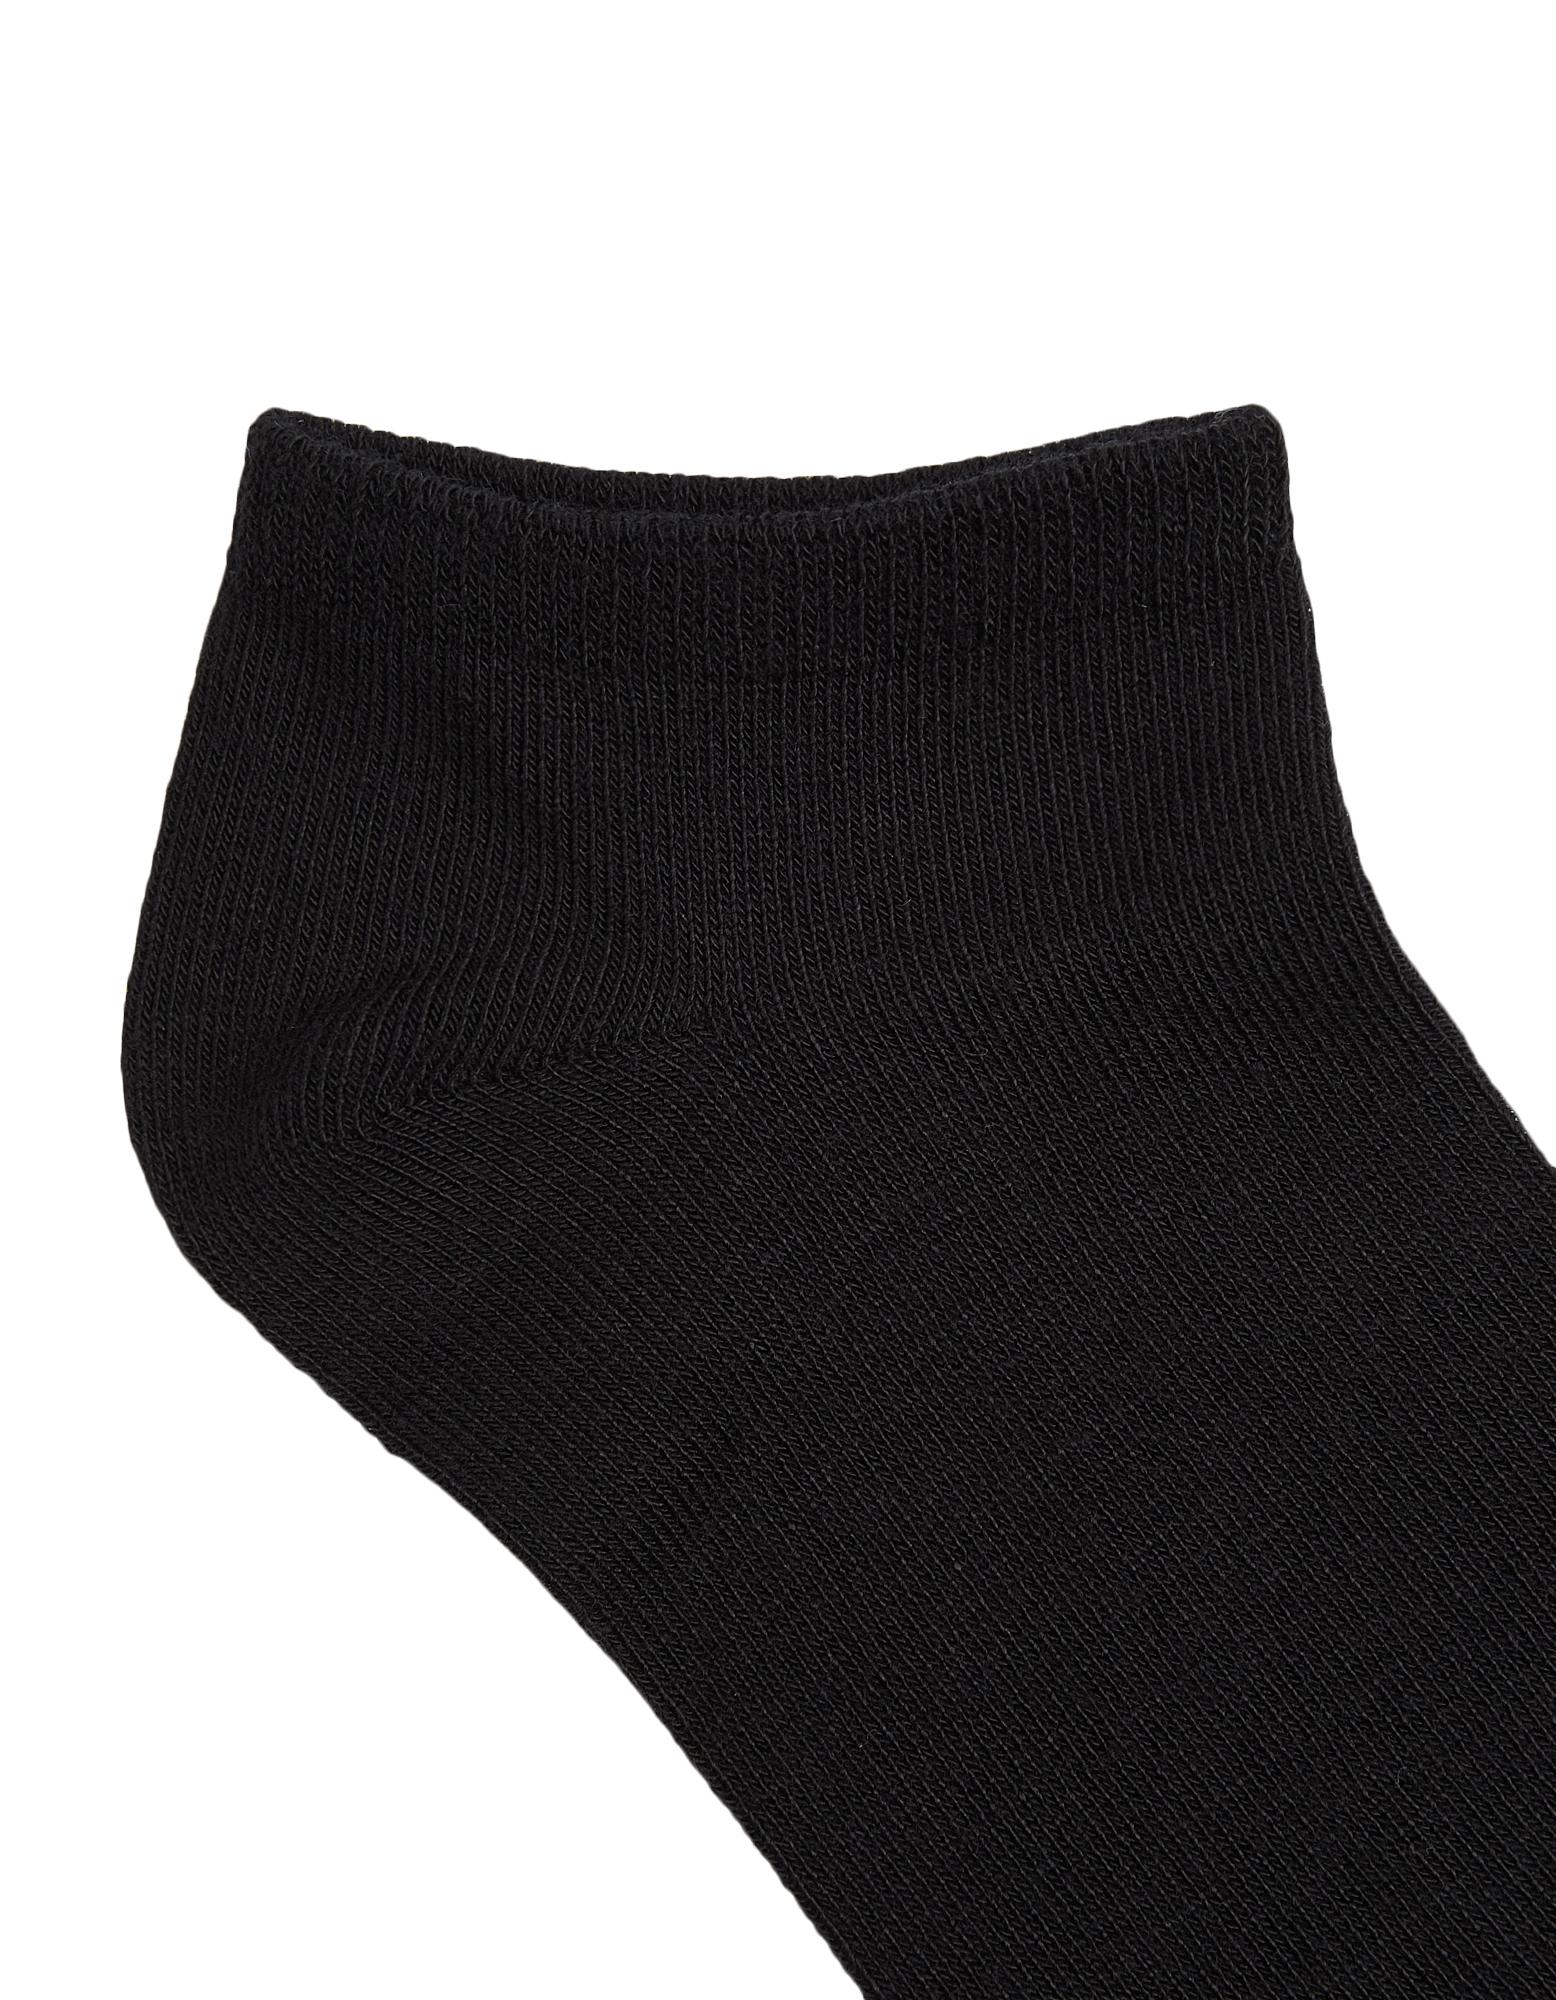 für Damen und Herren im 3er Pack schwarz Bambus-Sneaker-Socken